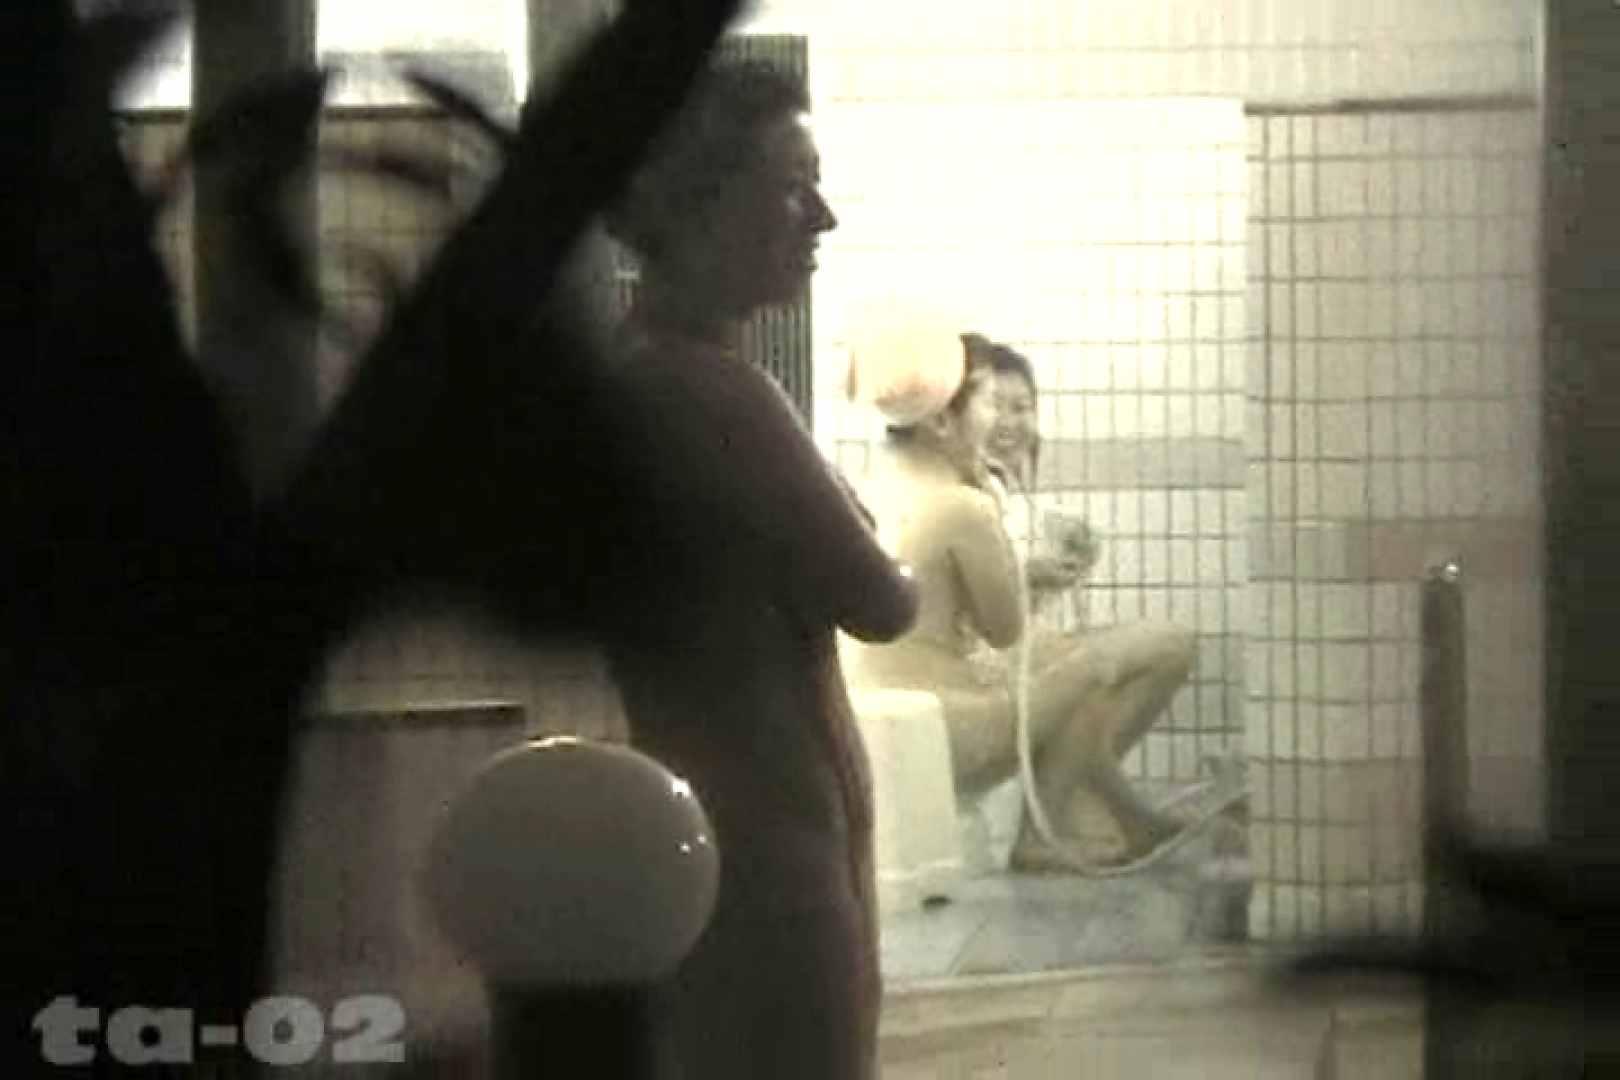 合宿ホテル女風呂盗撮高画質版 Vol.02 盗撮   高画質  27画像 25